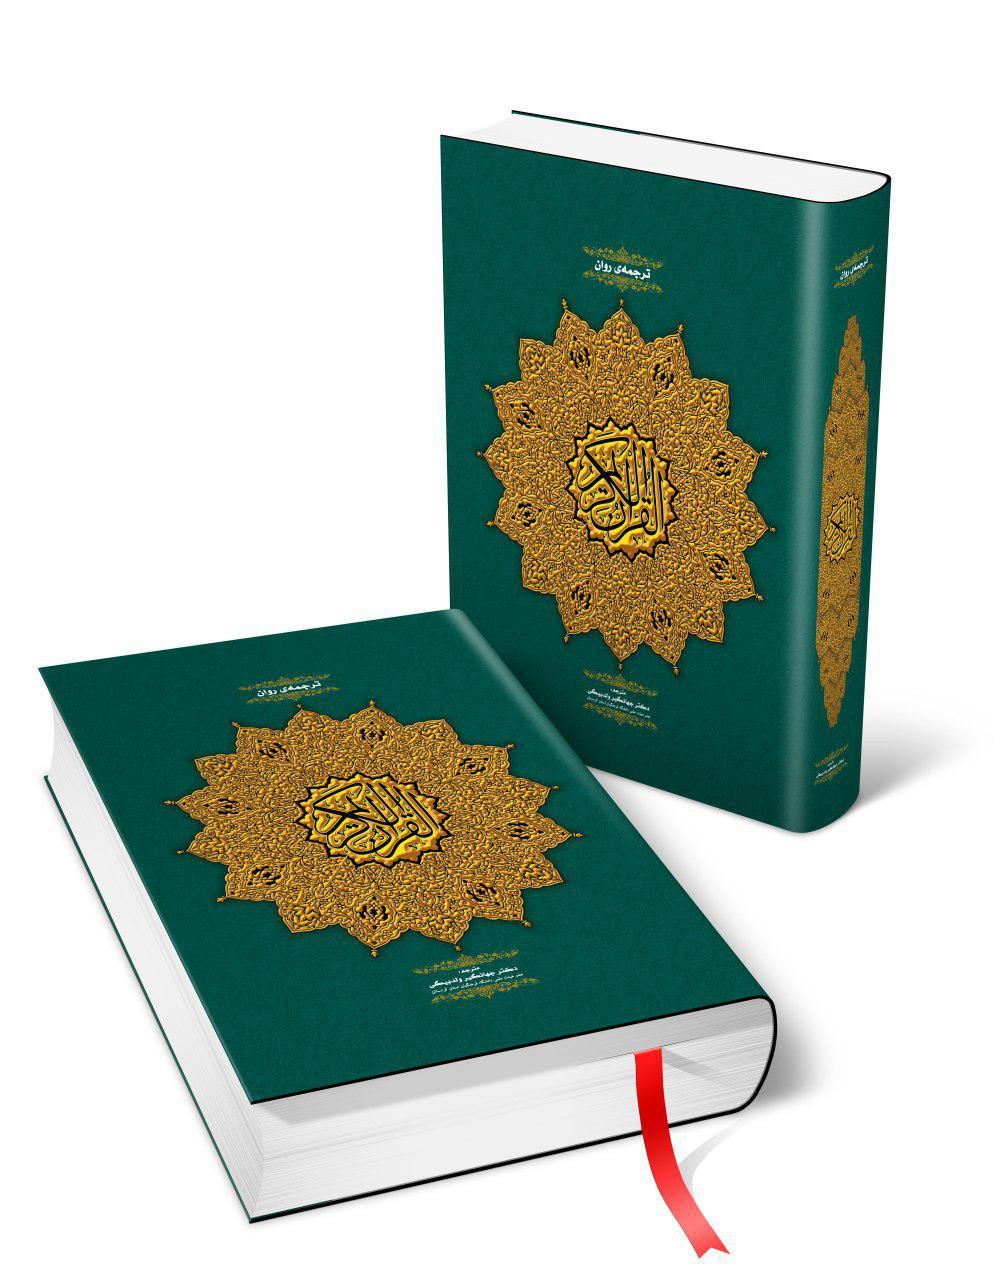 ترجمه روان قرآن کریم به زبان فارسی